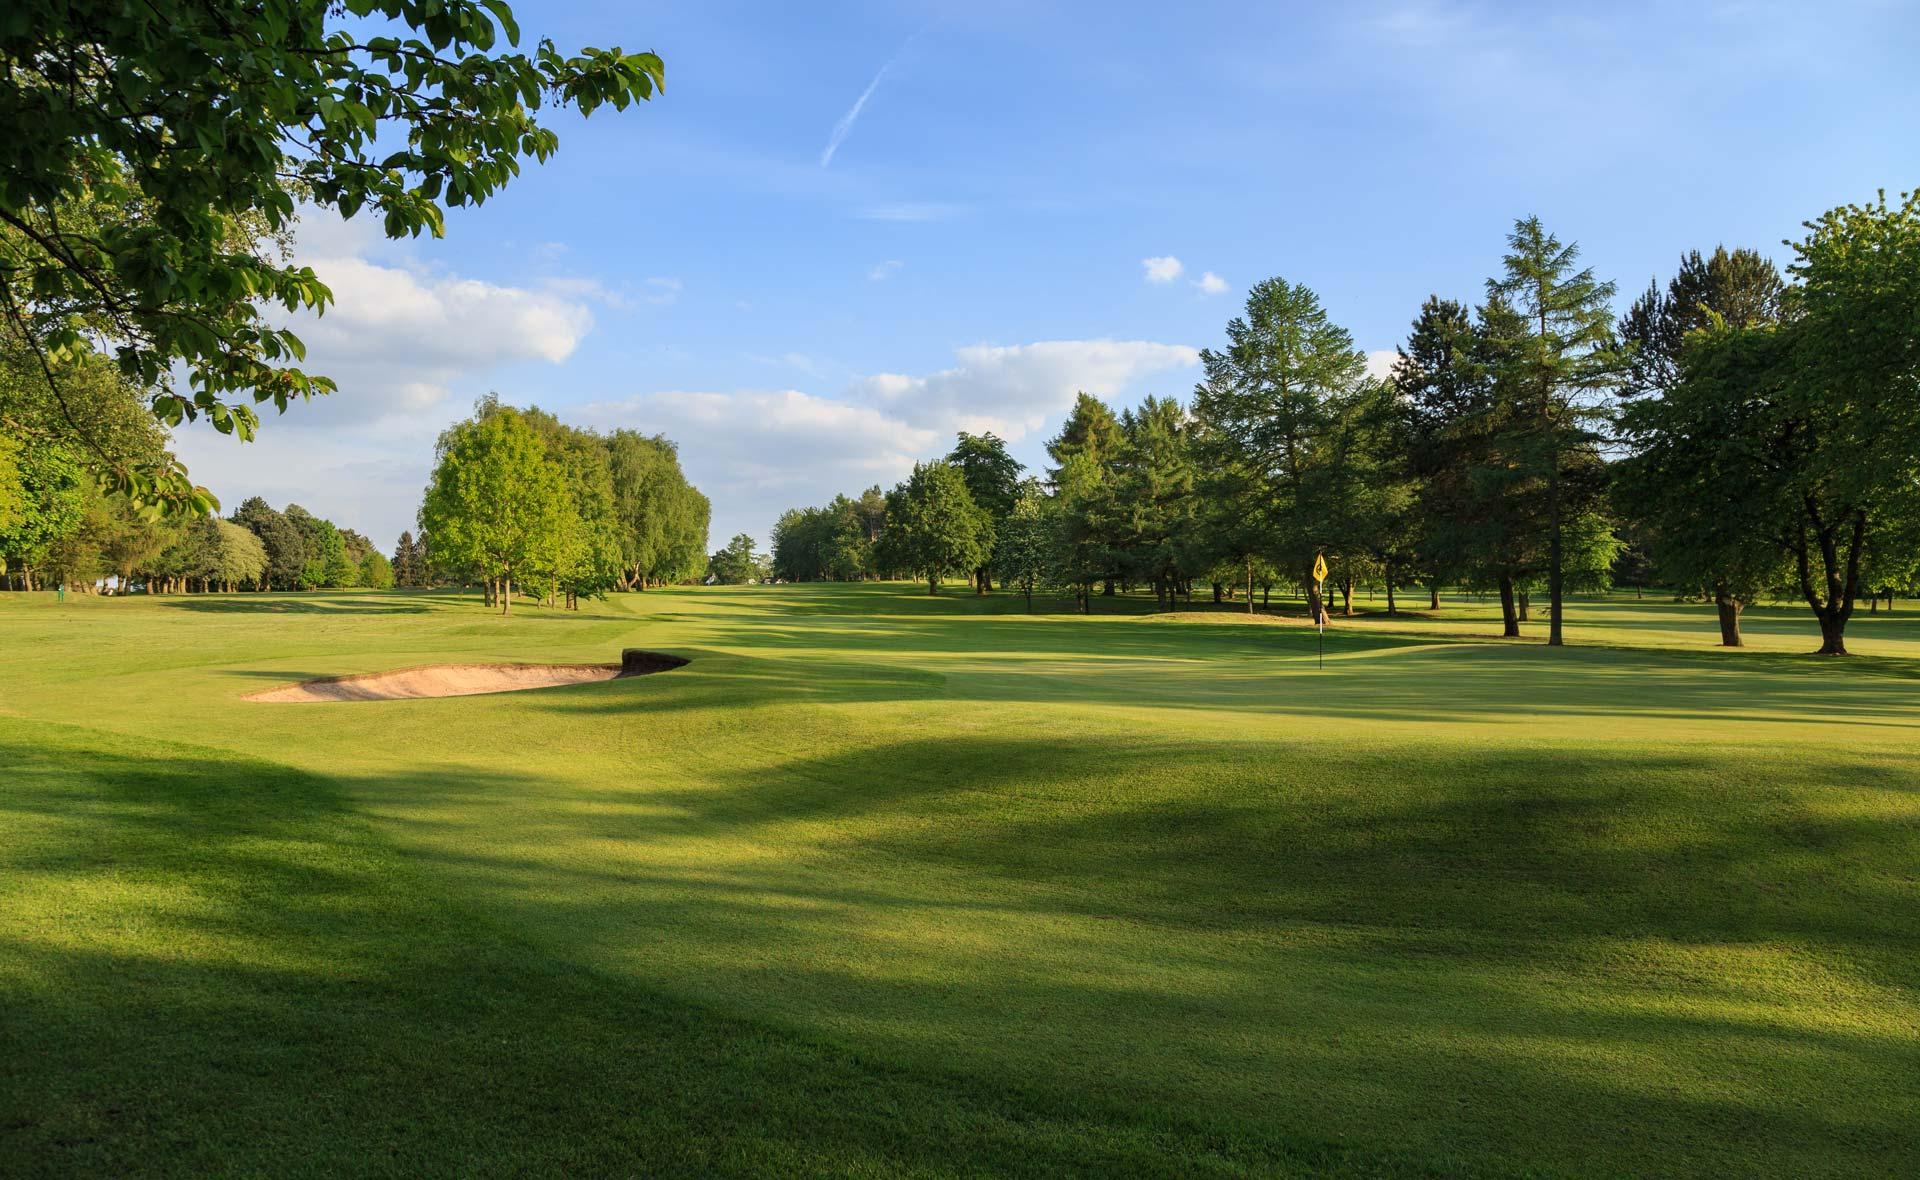 south staffordshire golf club hole 7